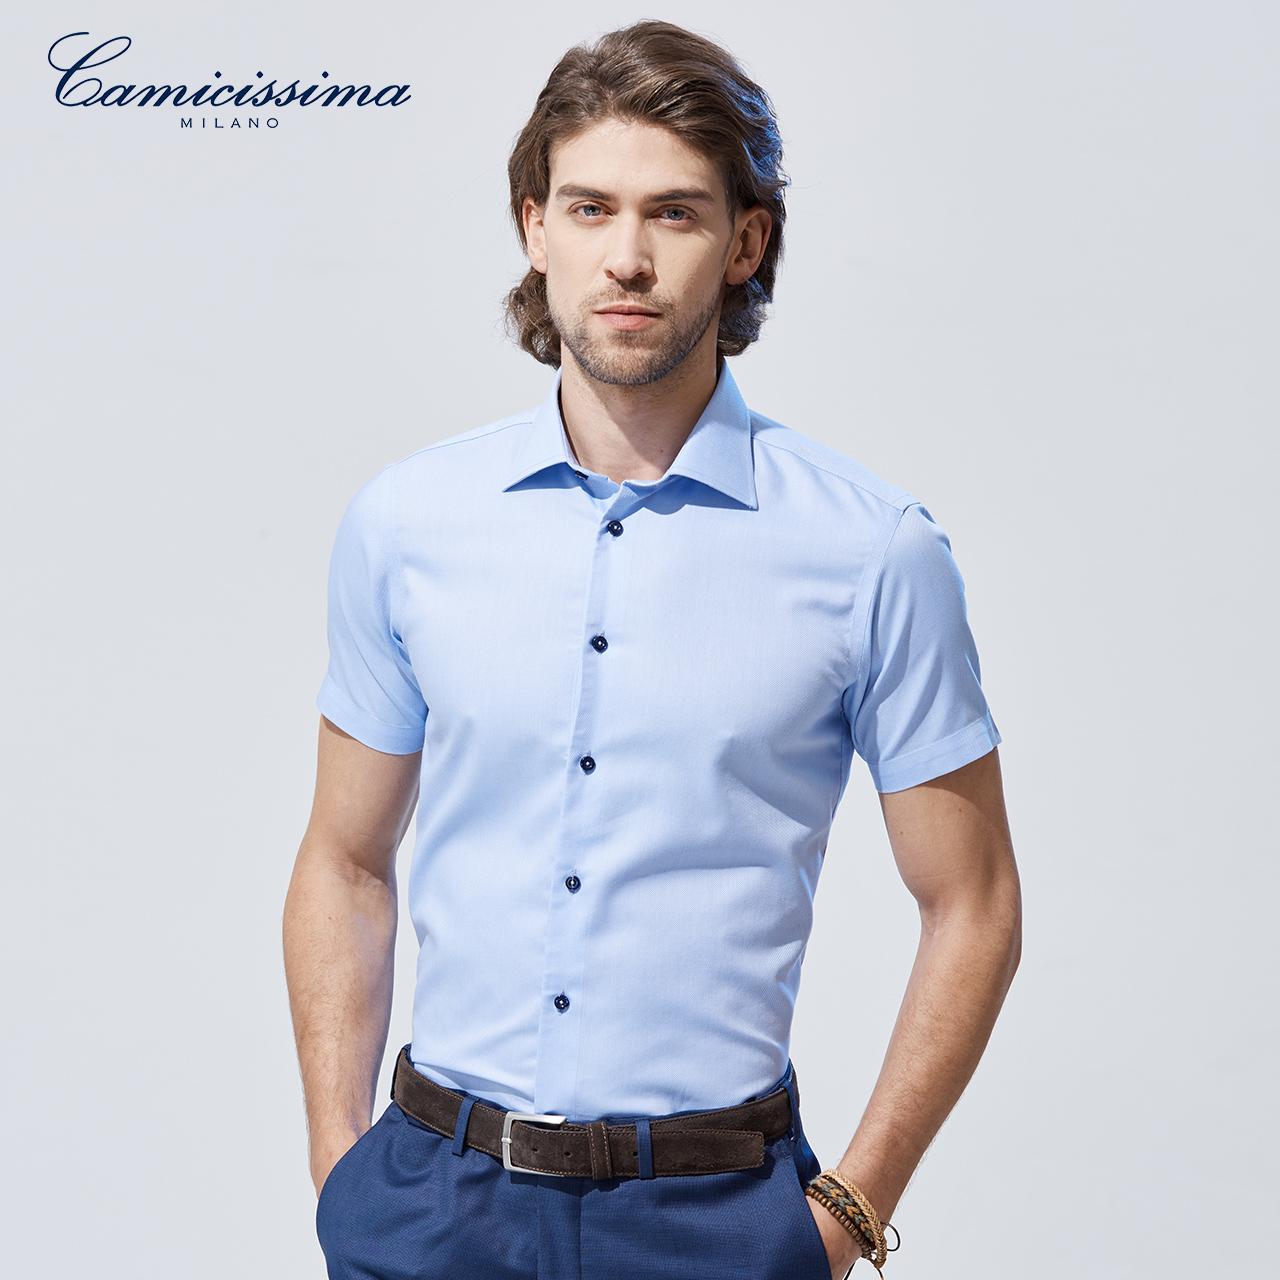 恺米切青年男士商务免烫短袖纯棉衬衫 夏季韩版修身款蓝色衬衣